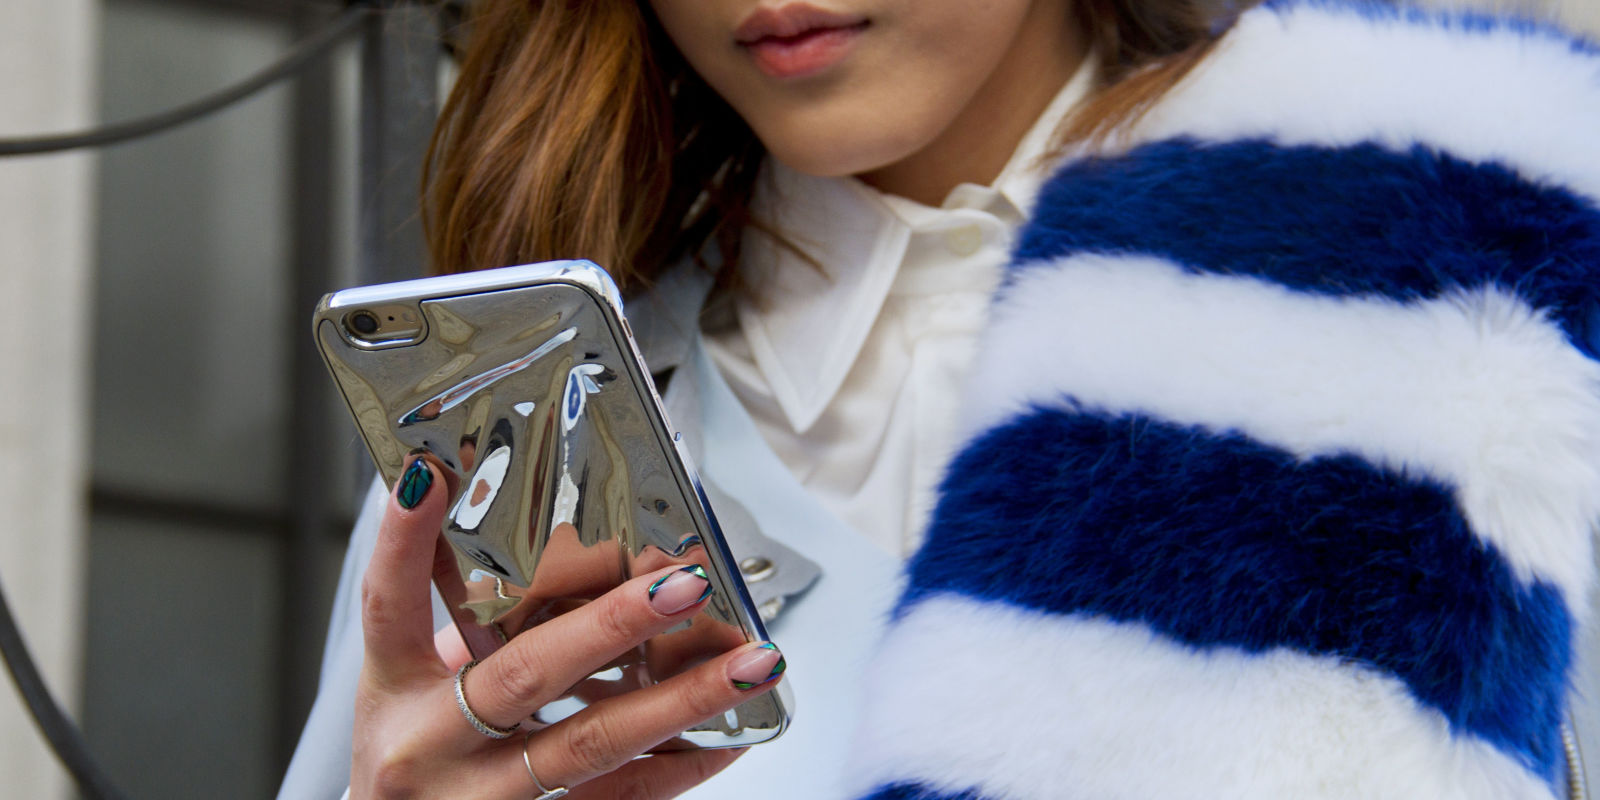 12 best online shopping apps in 2017 mobile apps for easier